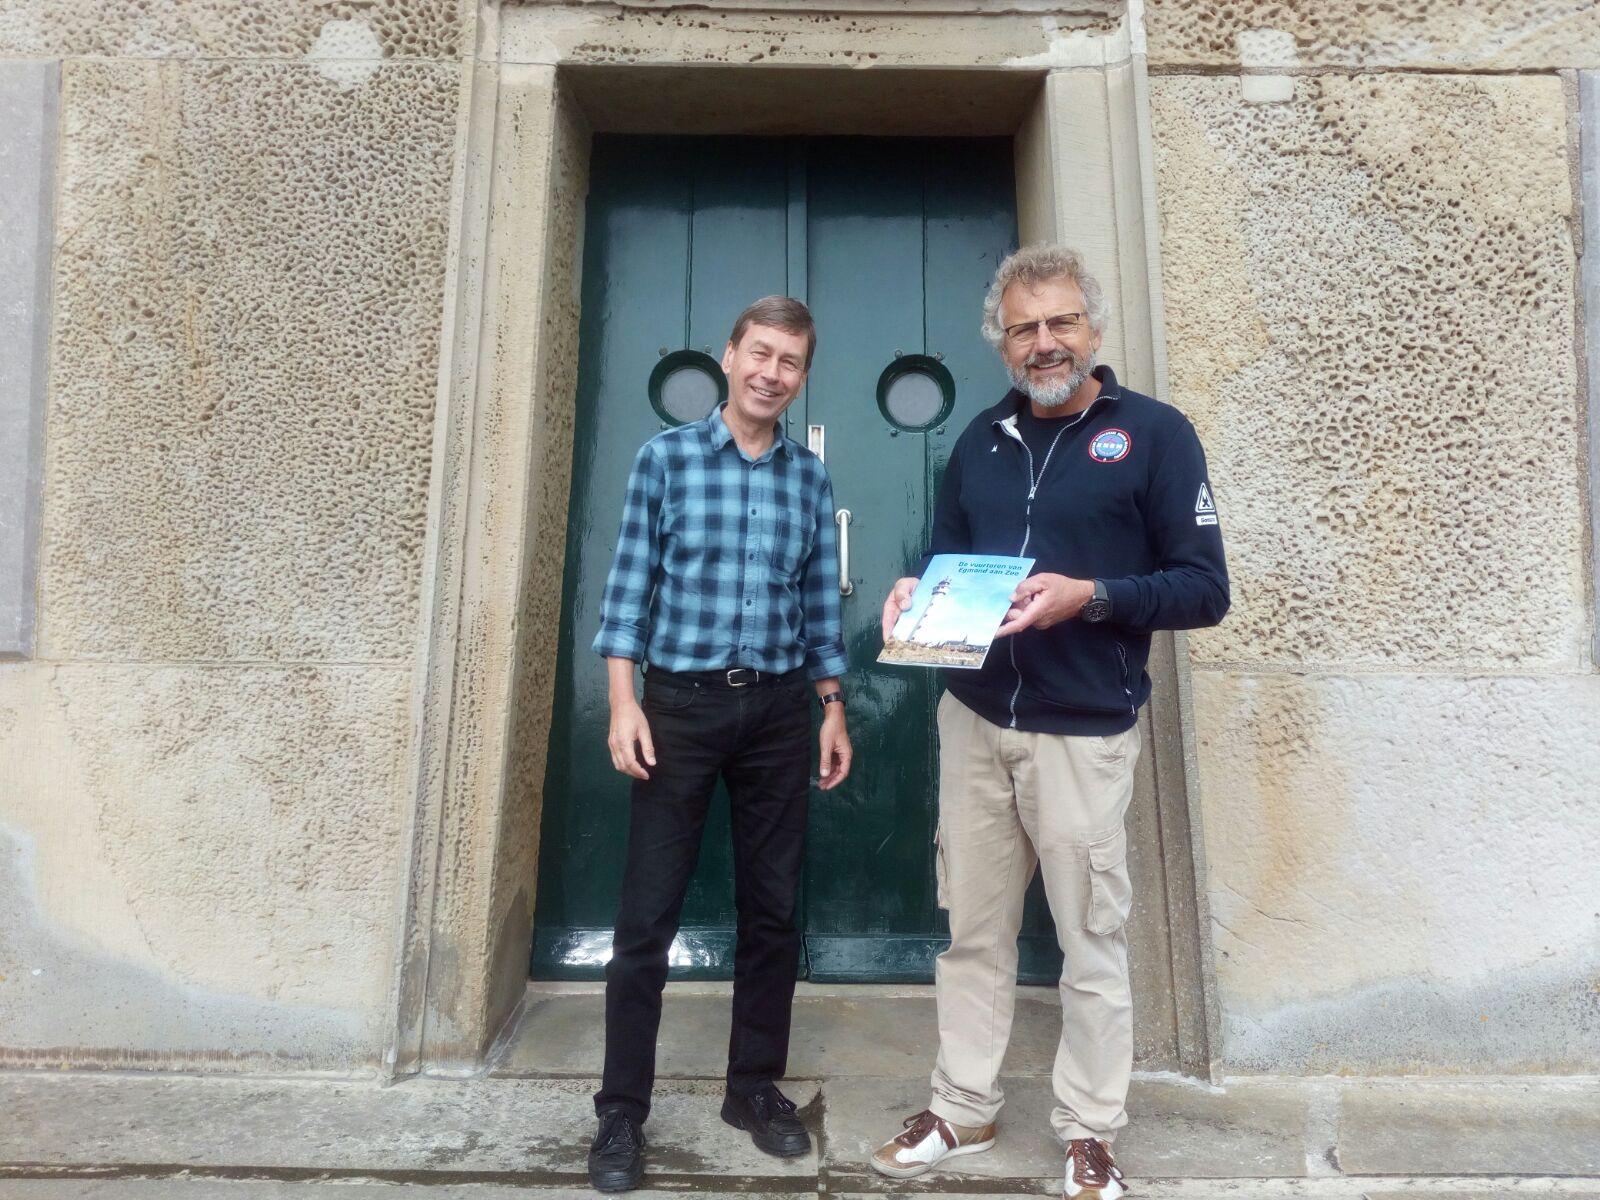 De KNRM ontving het boekje van schrijver Peter Kouwenhoven. Het boekje is tijdens de rondleidingen te koop voor vijf euro. (Foto: aangeleverd).